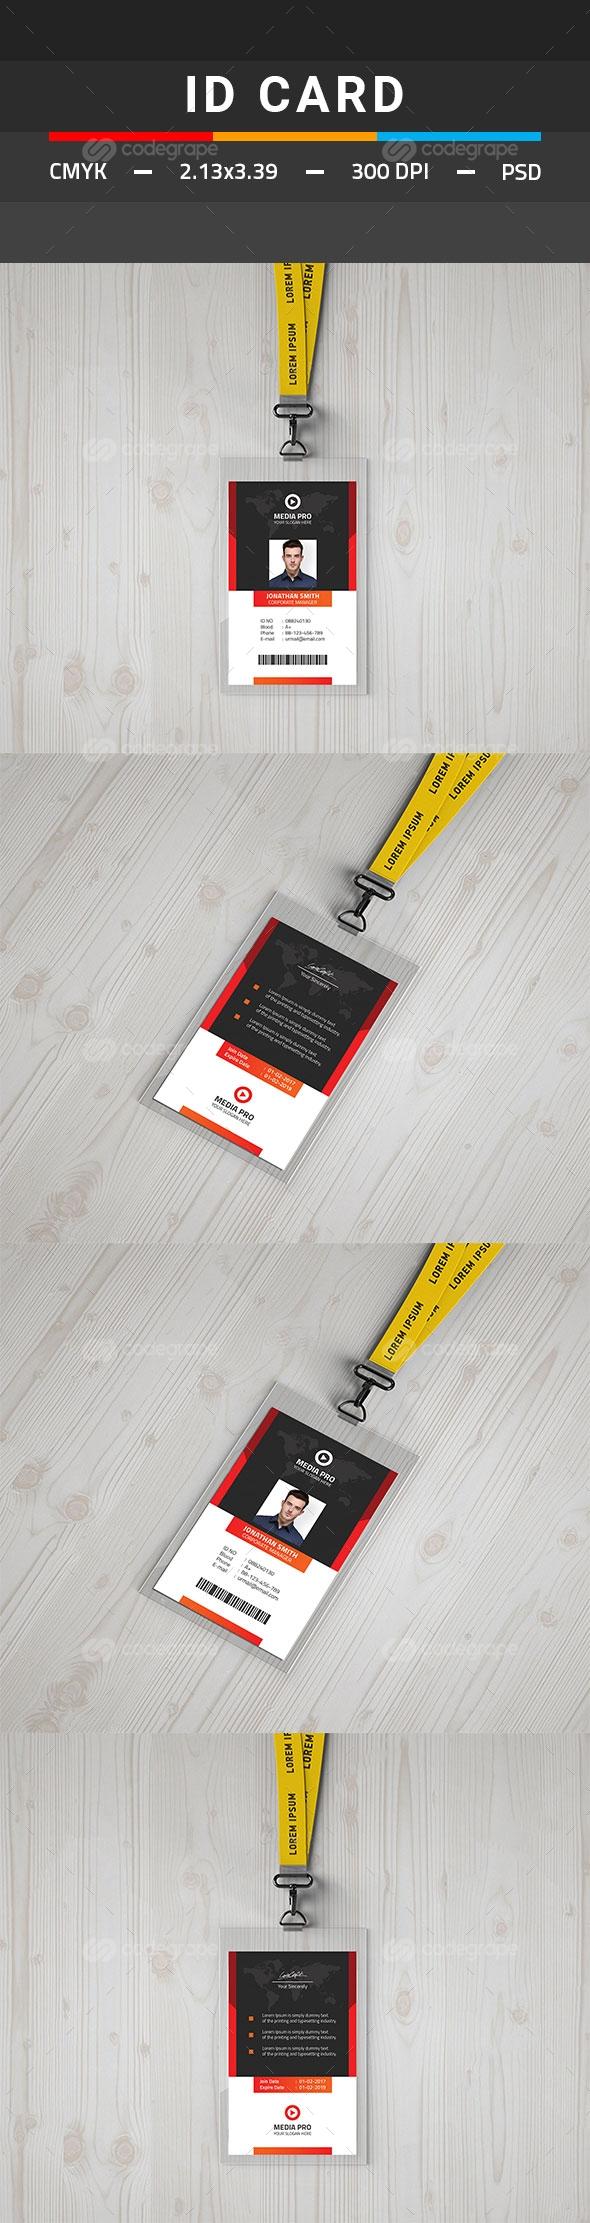 ID Card Template | Pinterest | Tarjetas de identificación y Tarjetas